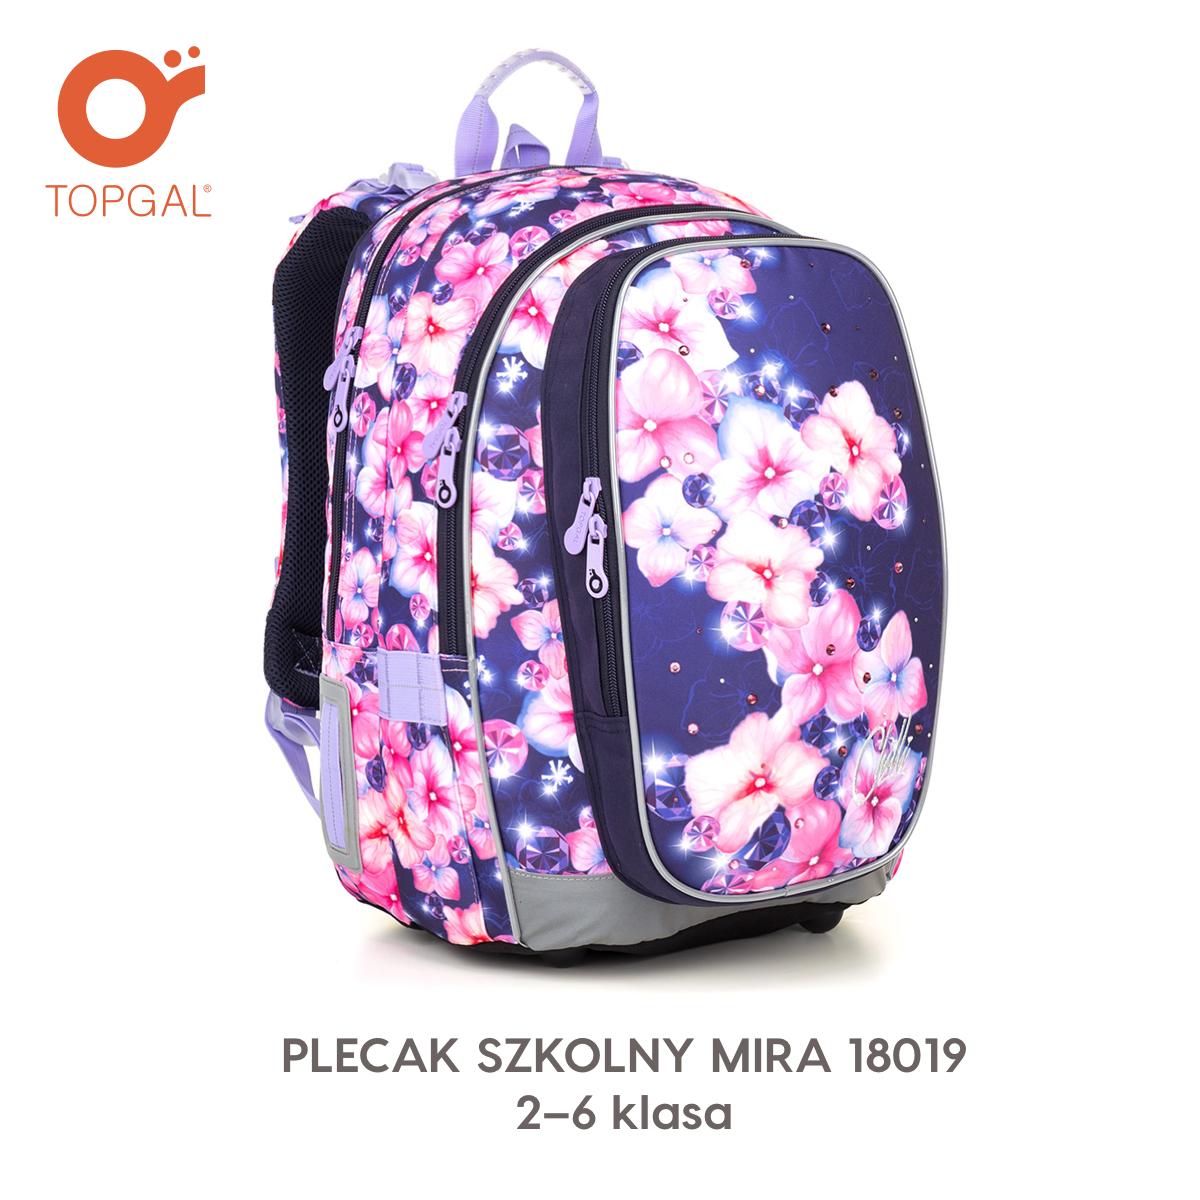 5e2125e9c1349 Plecak Topgal z kwiatami i cyrkoniami.